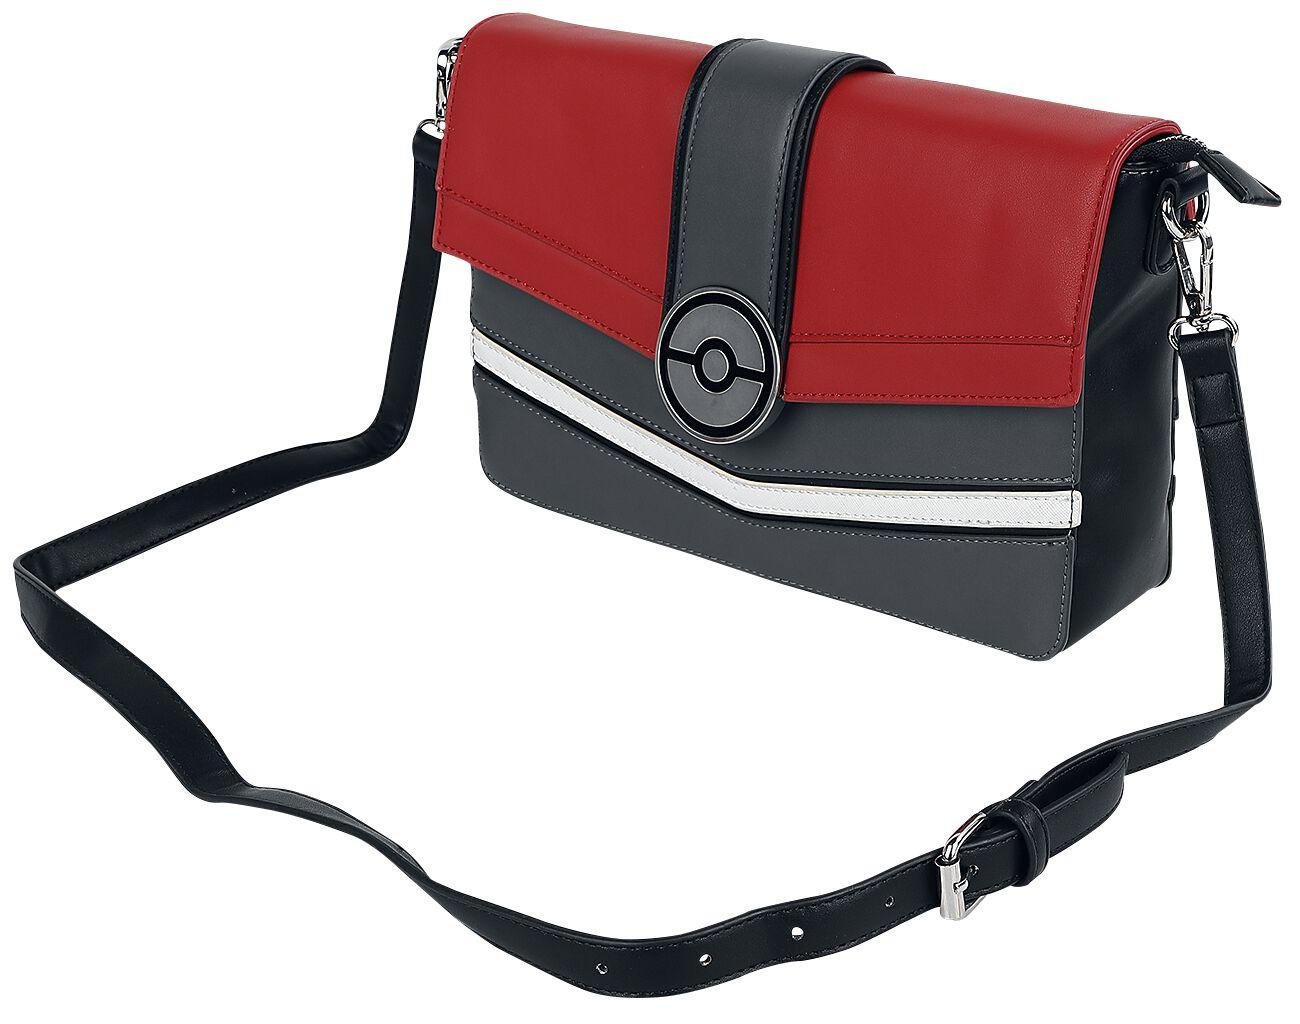 Pokémon Pokeball Umhängetasche schwarz rot weiß M410693